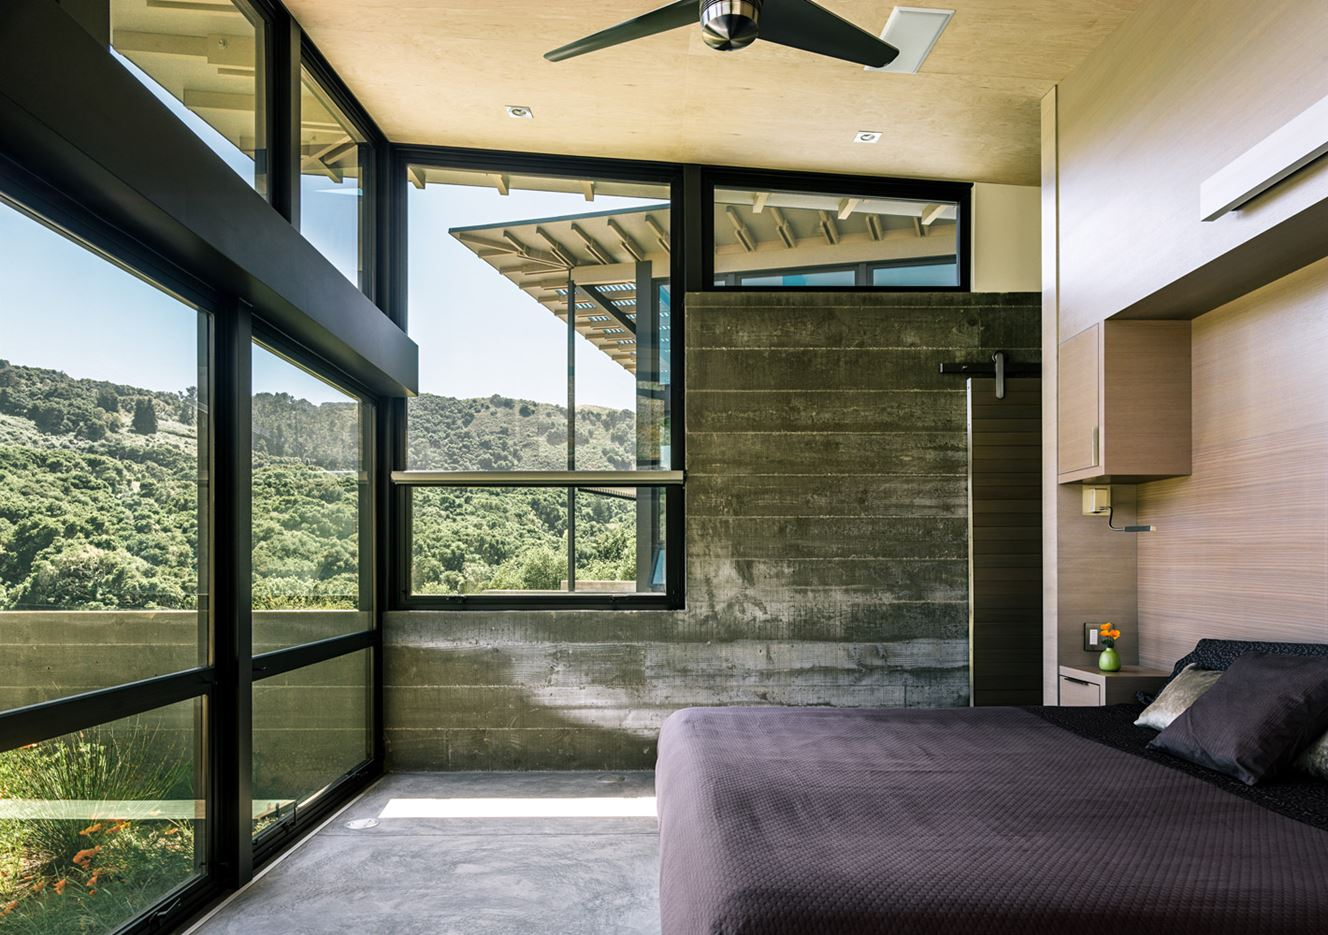 Butterfly House in Carmel, CA by Feldman Architecture